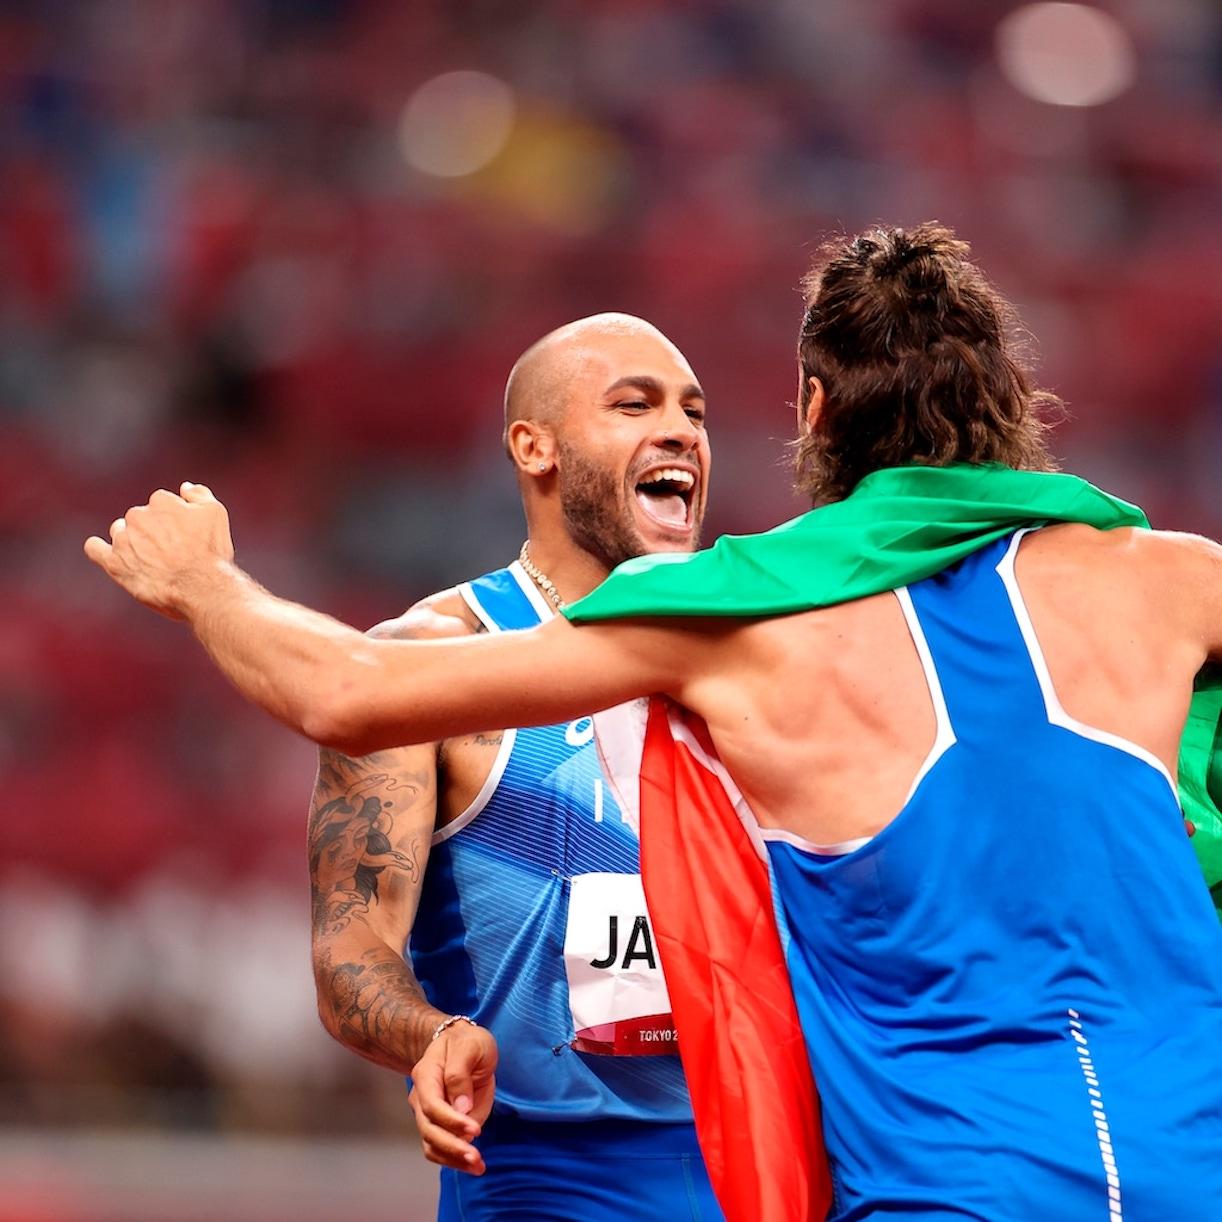 Perché gli atleti sul podio mordono la medaglia? Il motivo dietro al gesto